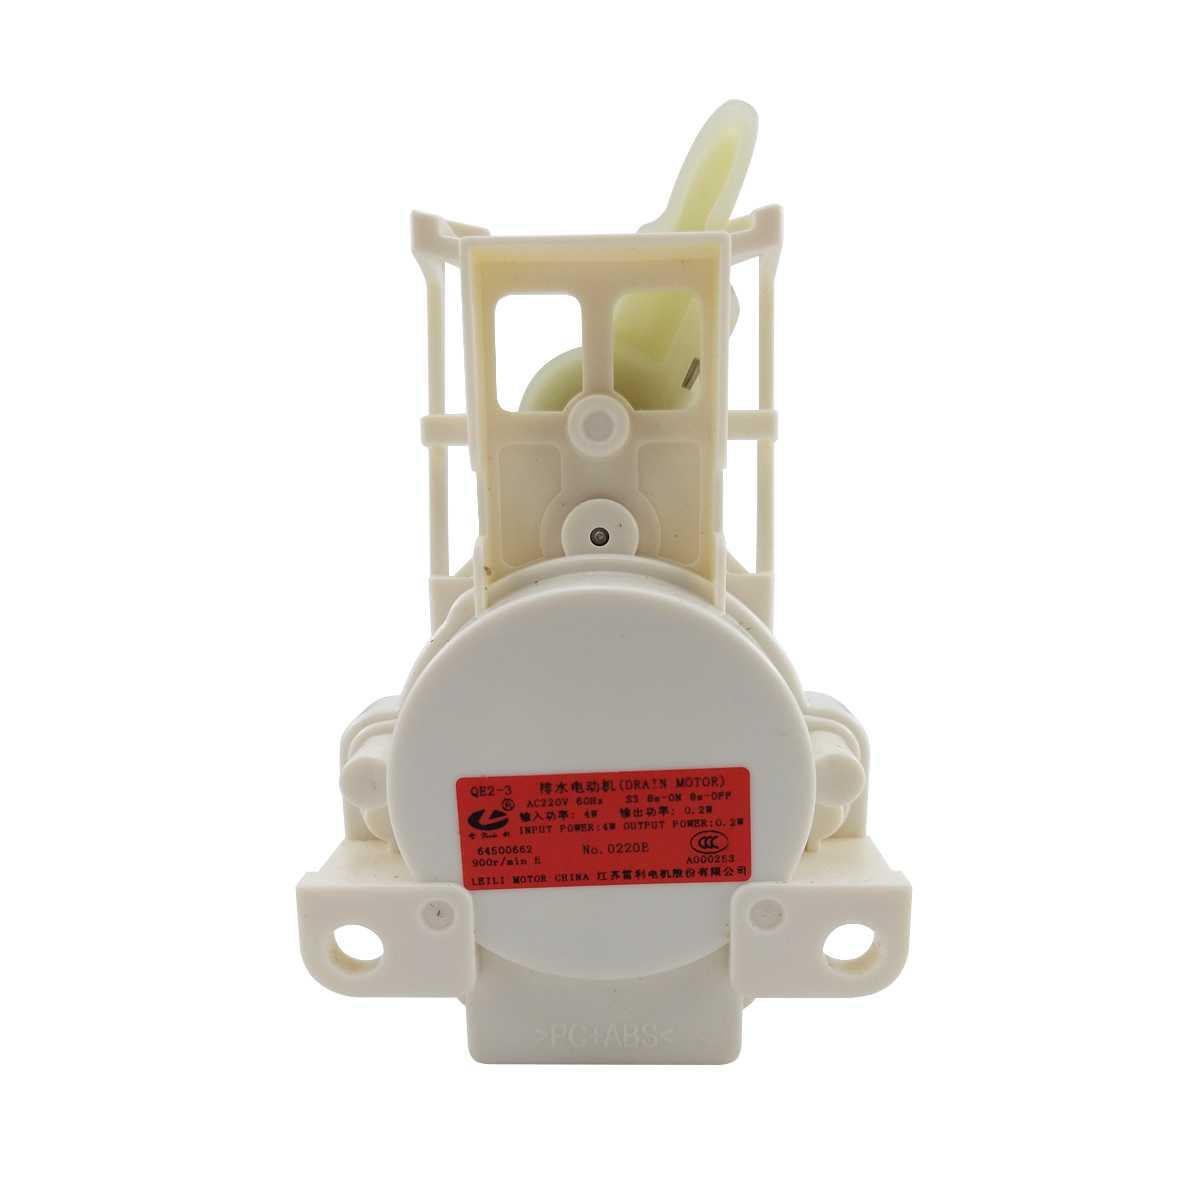 Atuador do freio lavadora Electrolux 220v